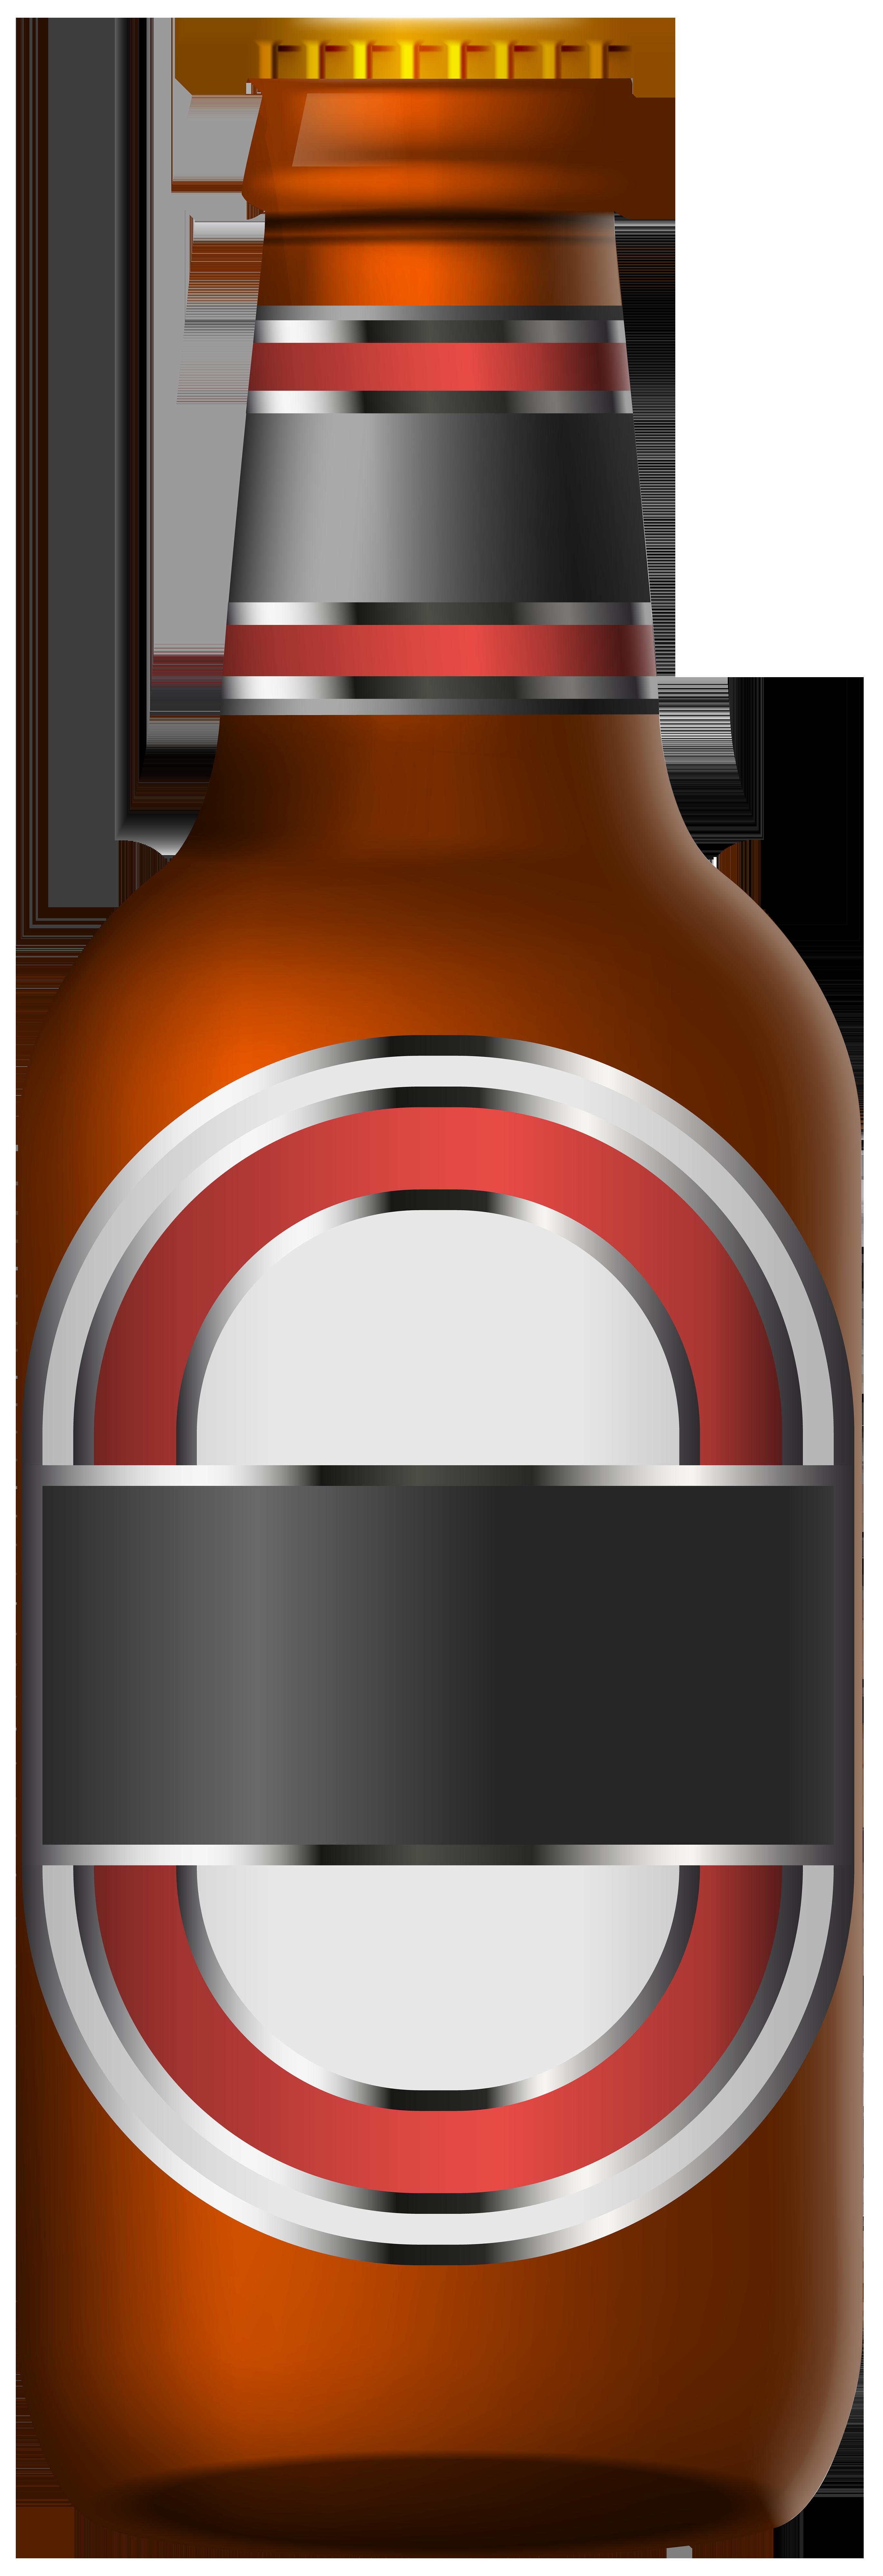 Bottle clipart beer Clip Bottle Beer Art Gallery